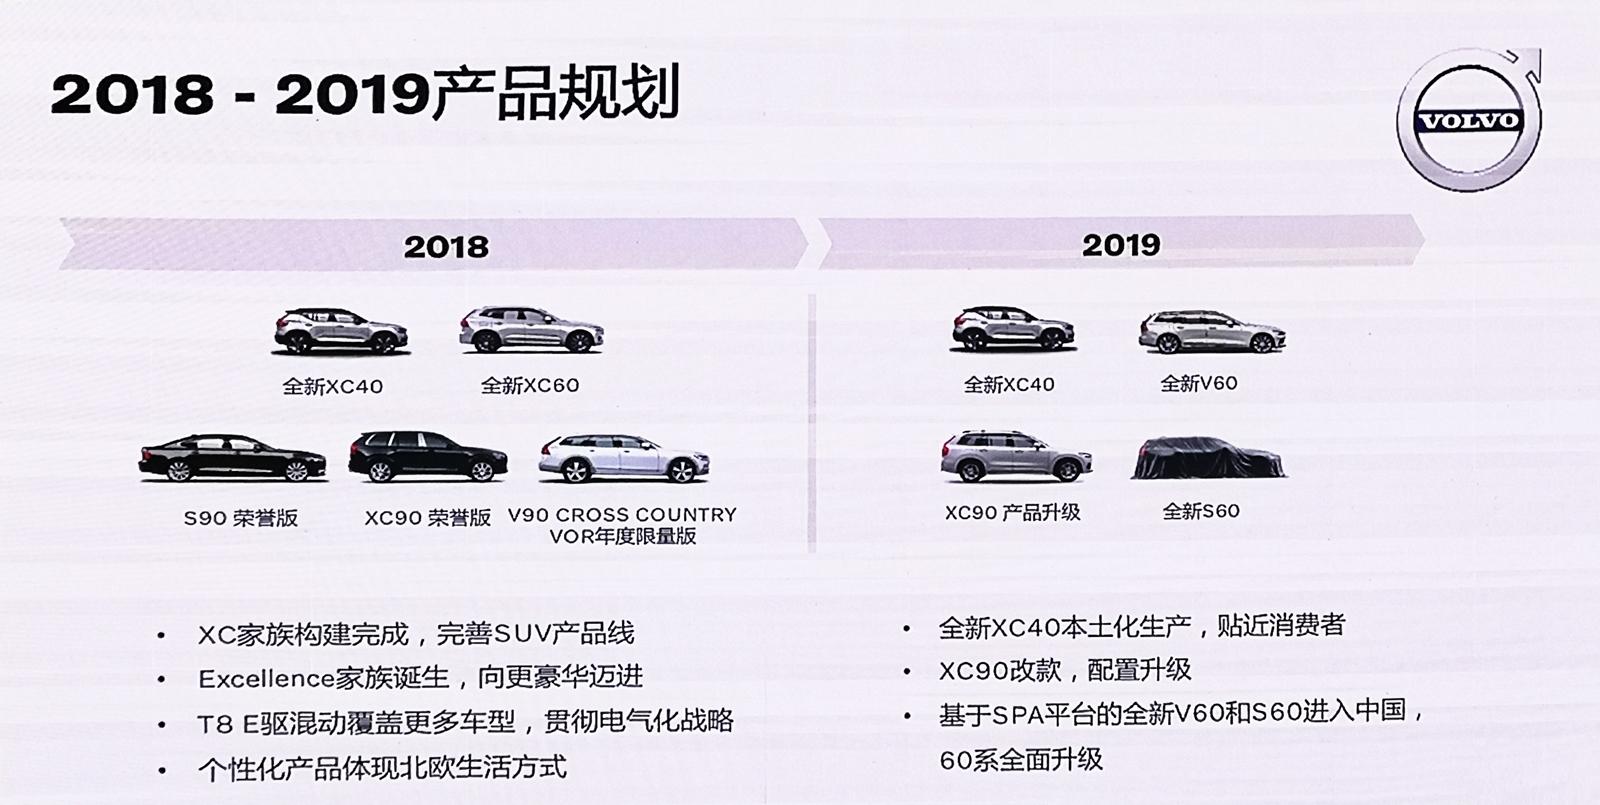 再等一年 国产版XC40/S60/V60等明年上市